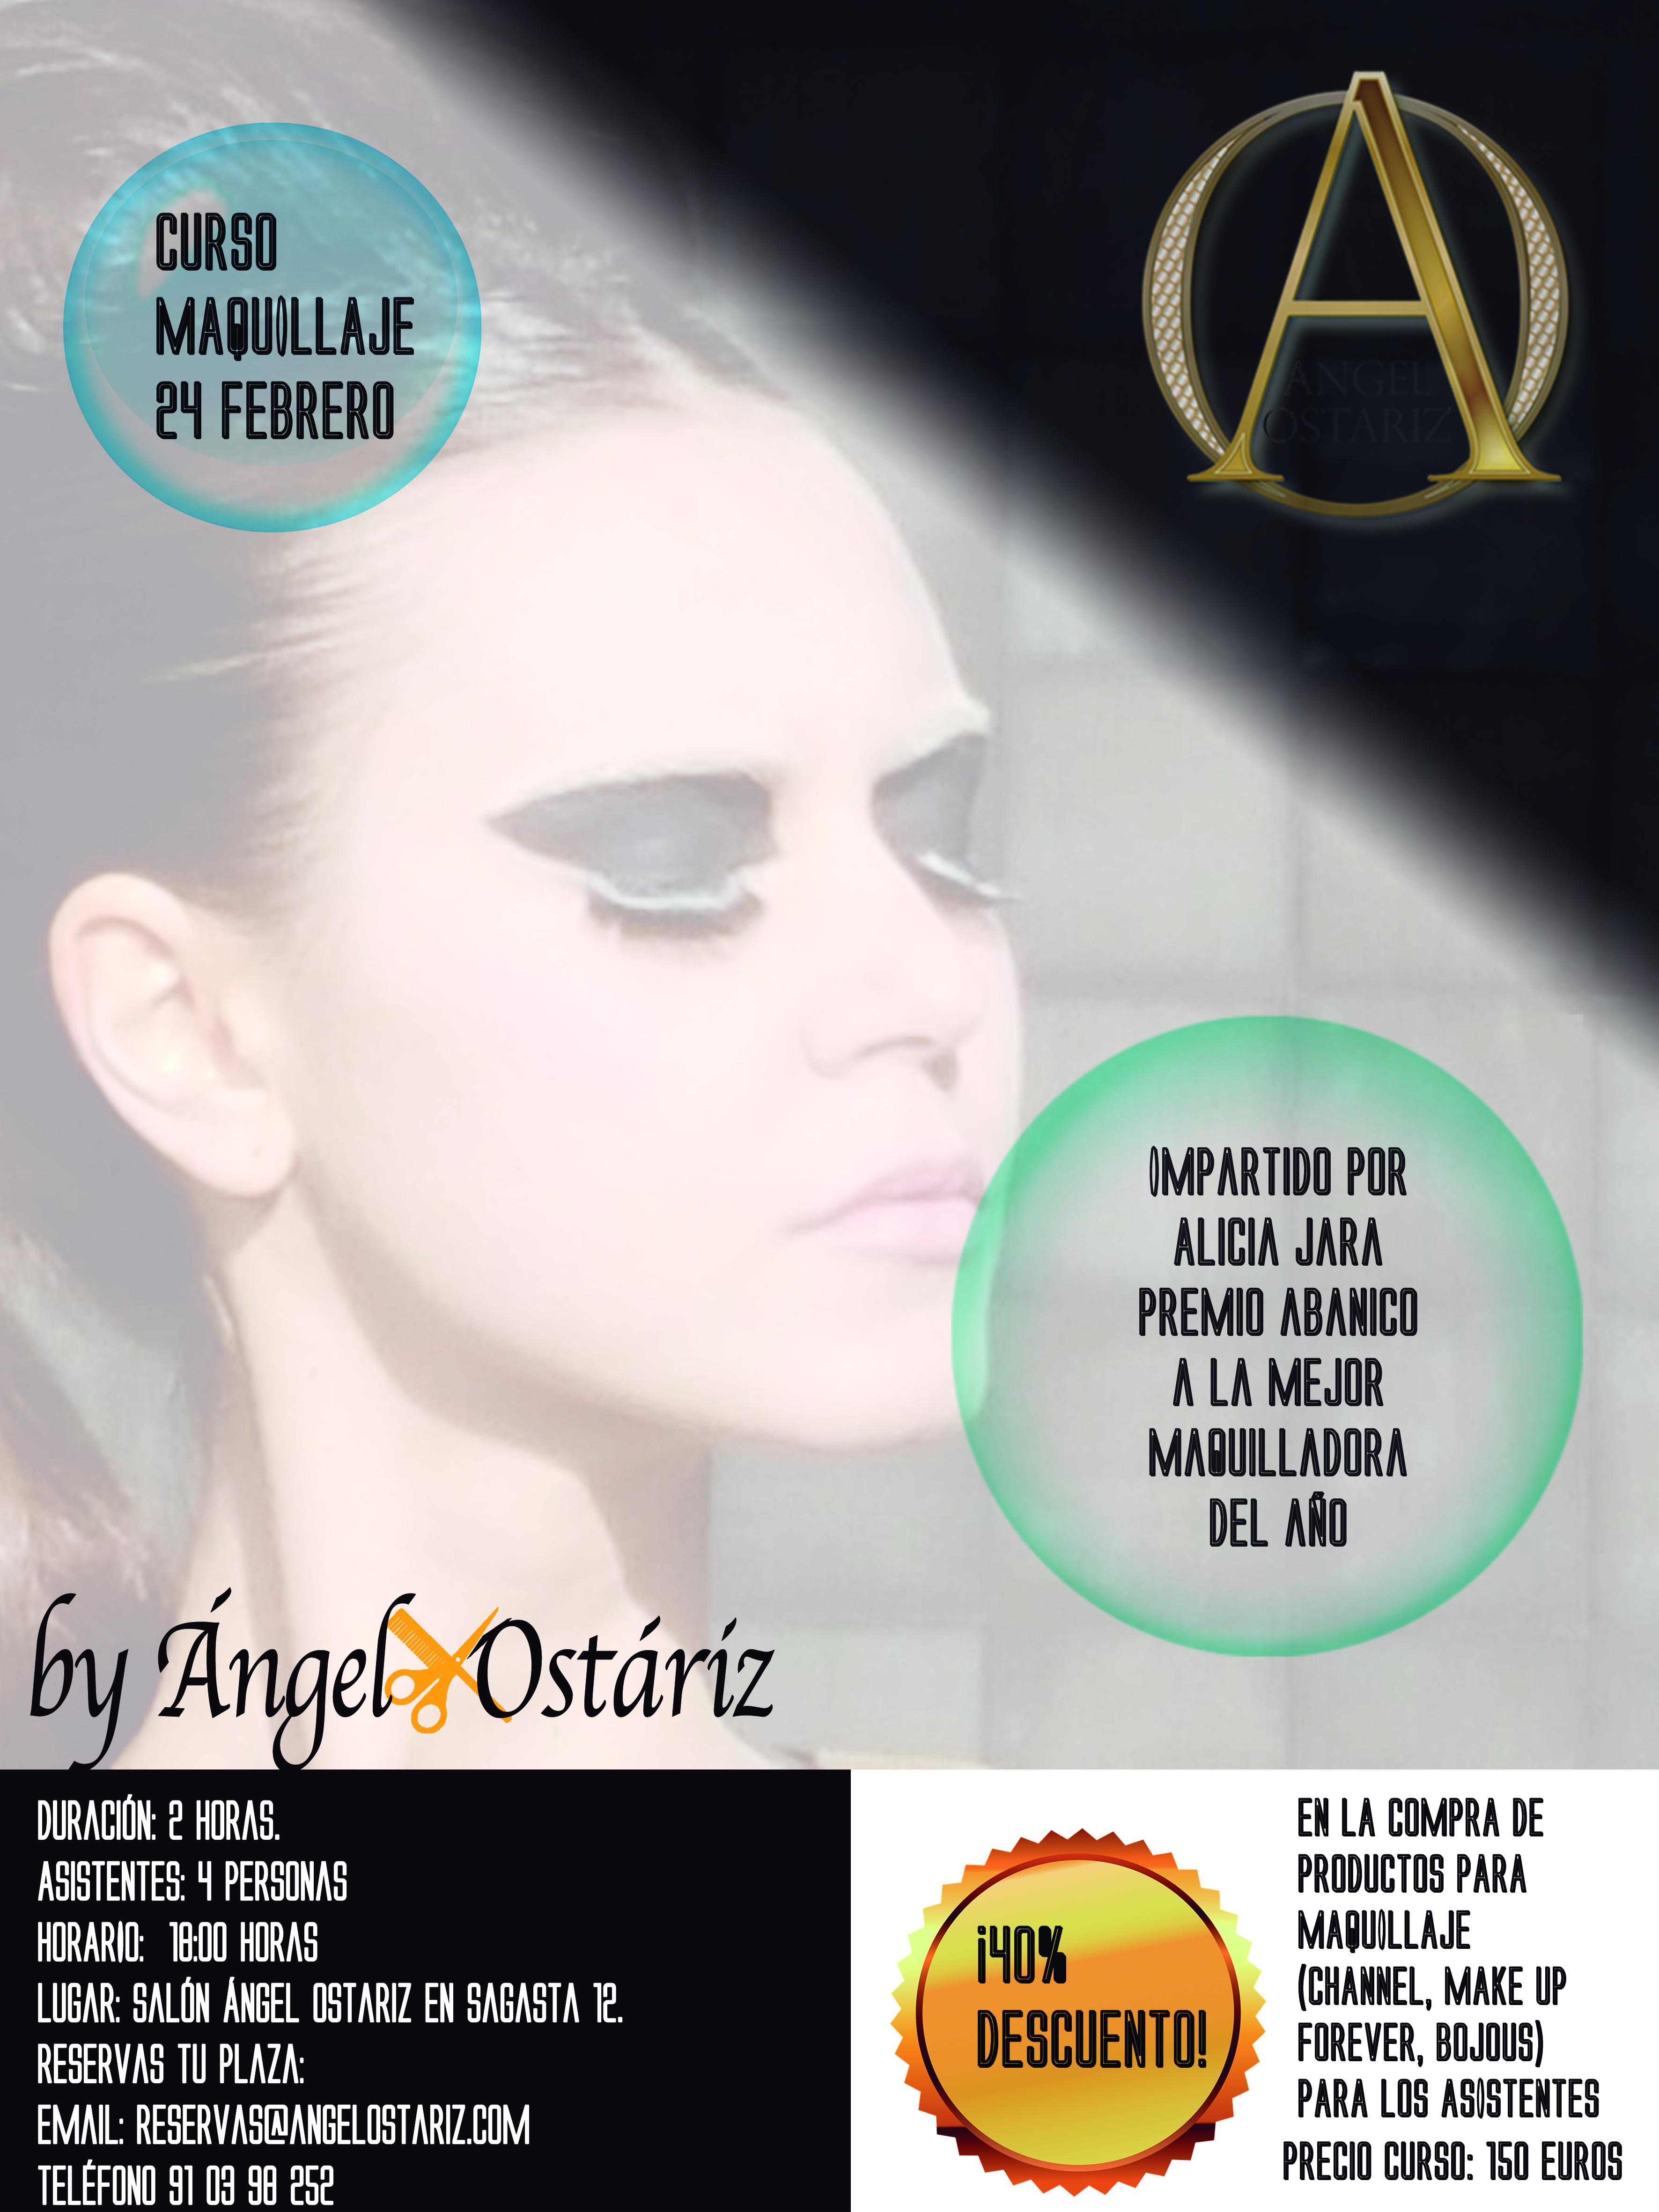 90baba255 Se trata de un curso de maquillaje profesional impartido por Alicia Jara,  premio abanico a la mejor maquilladora del año.